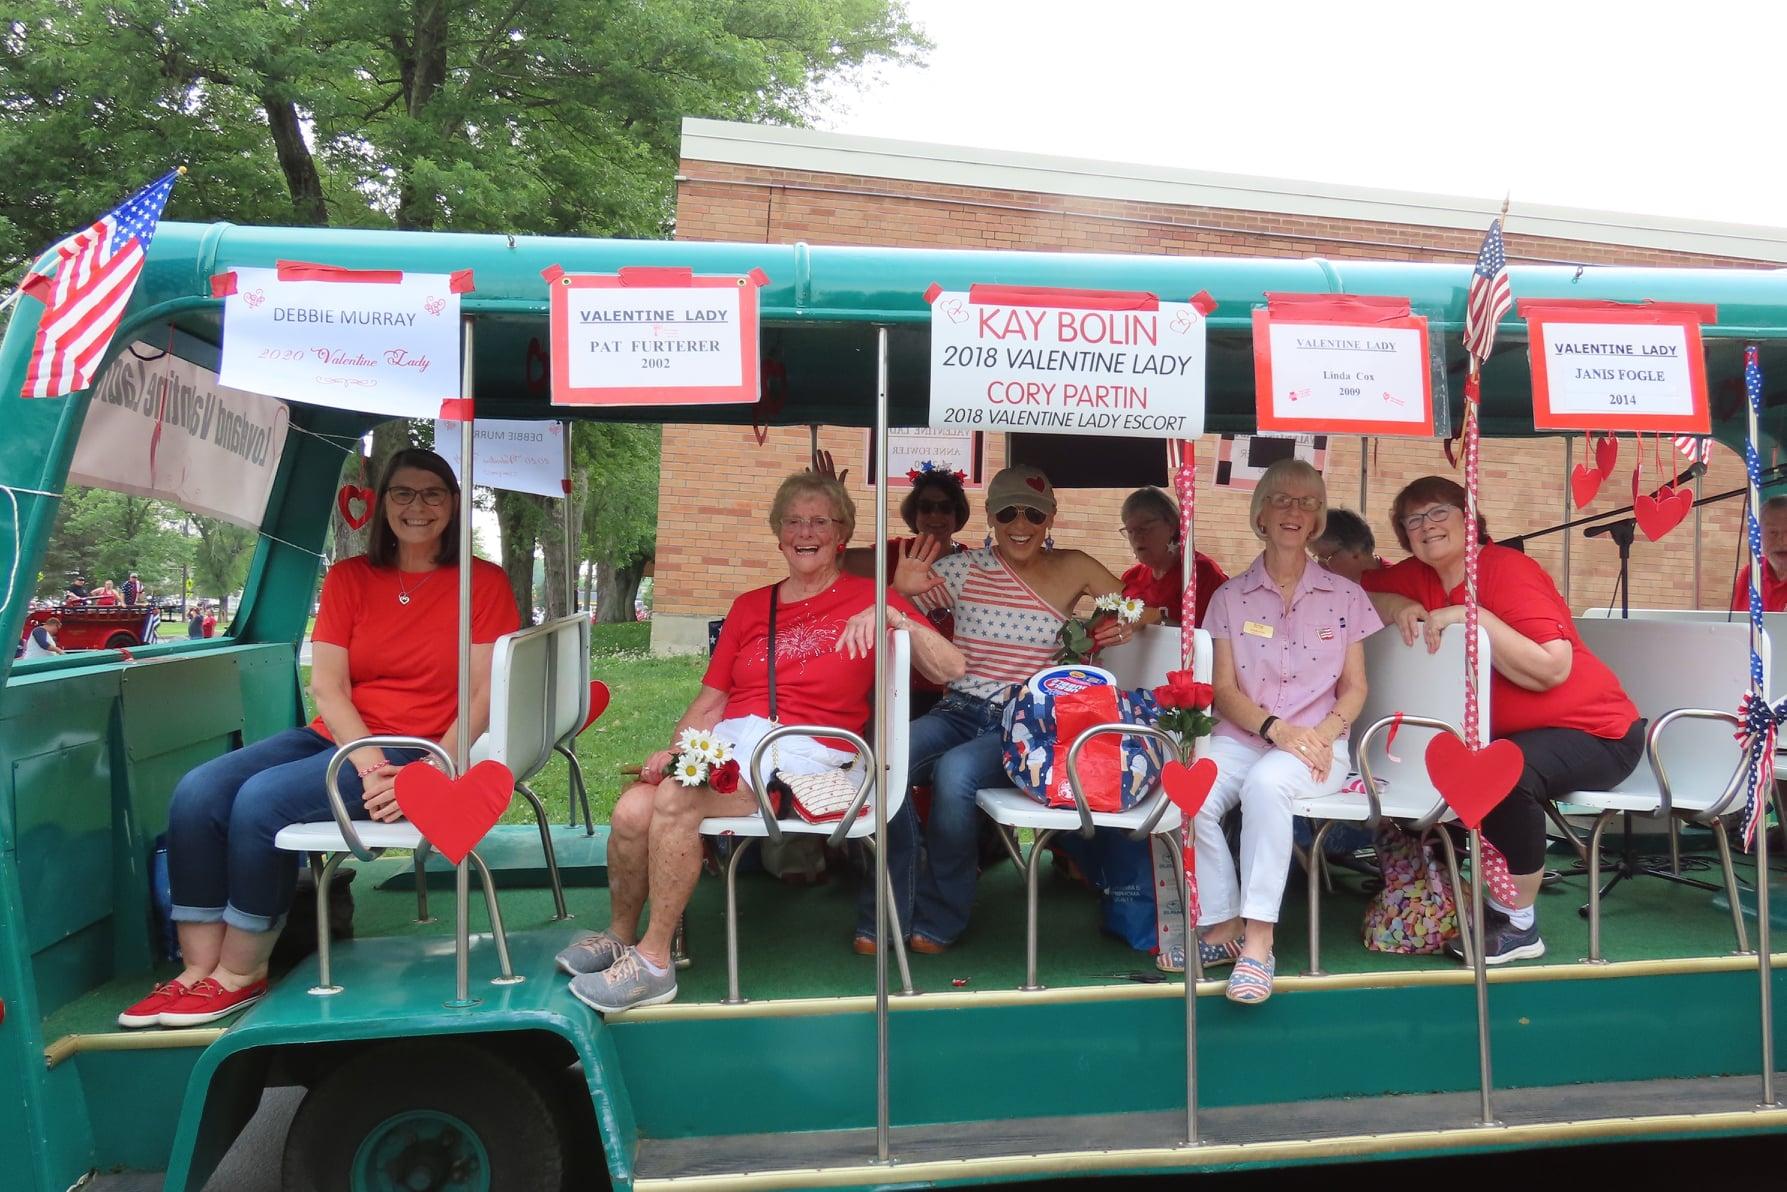 Valentine ladies ridining in parade